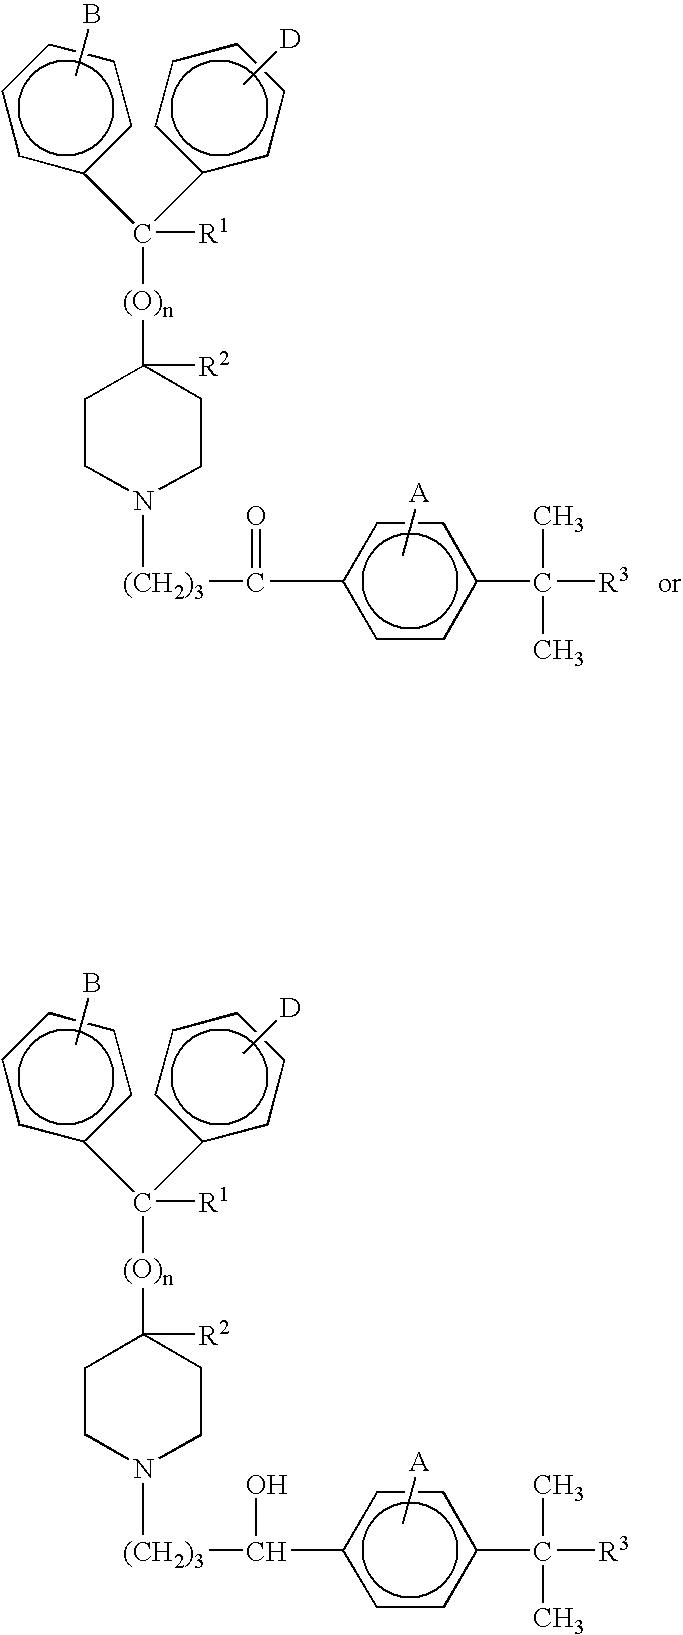 Figure US20070010677A1-20070111-C00001